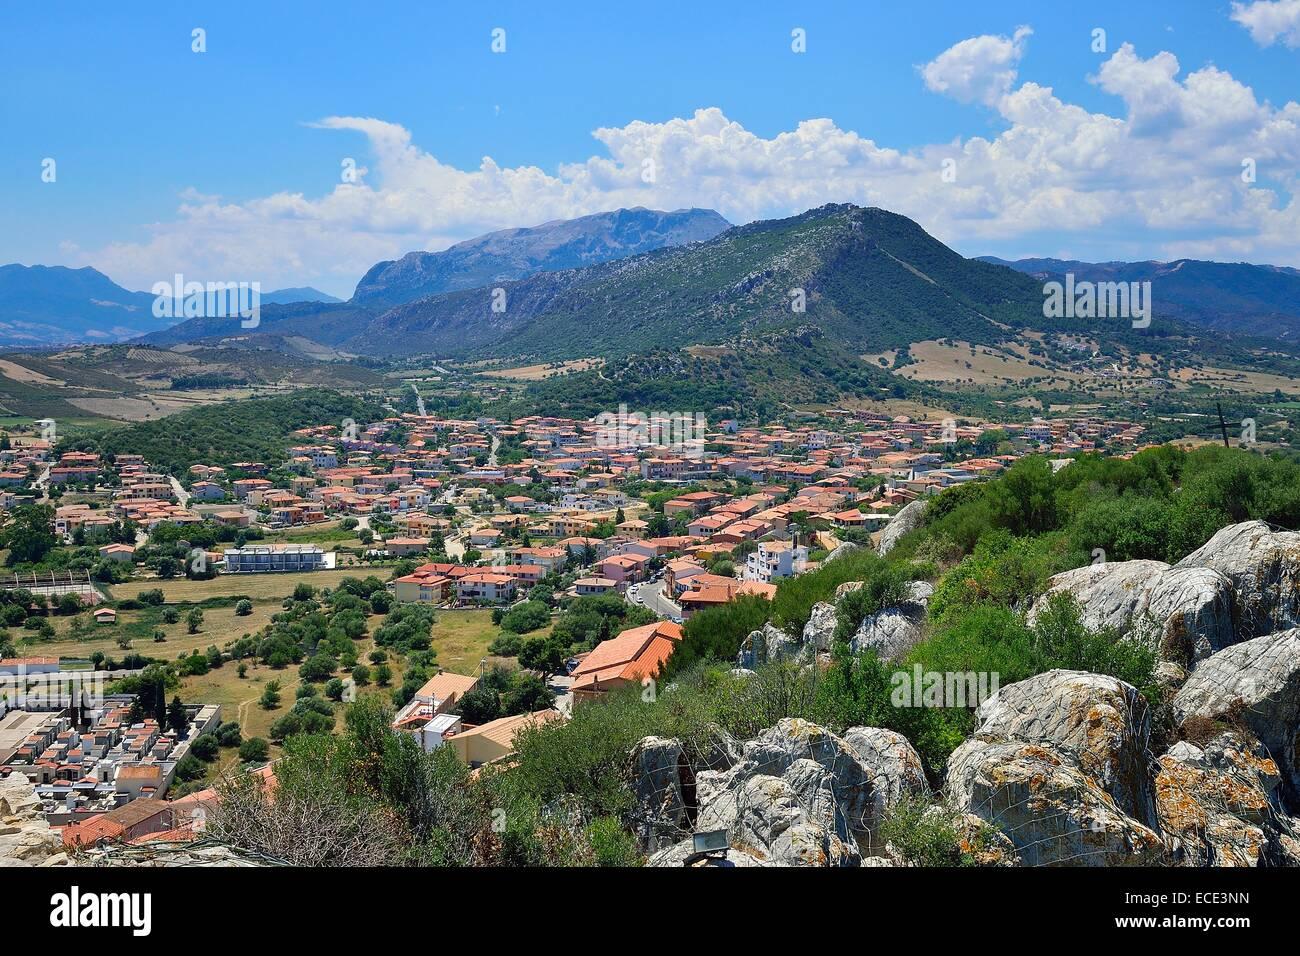 View of Monte Longu, Posada, Province of Nuoro, Sardinia